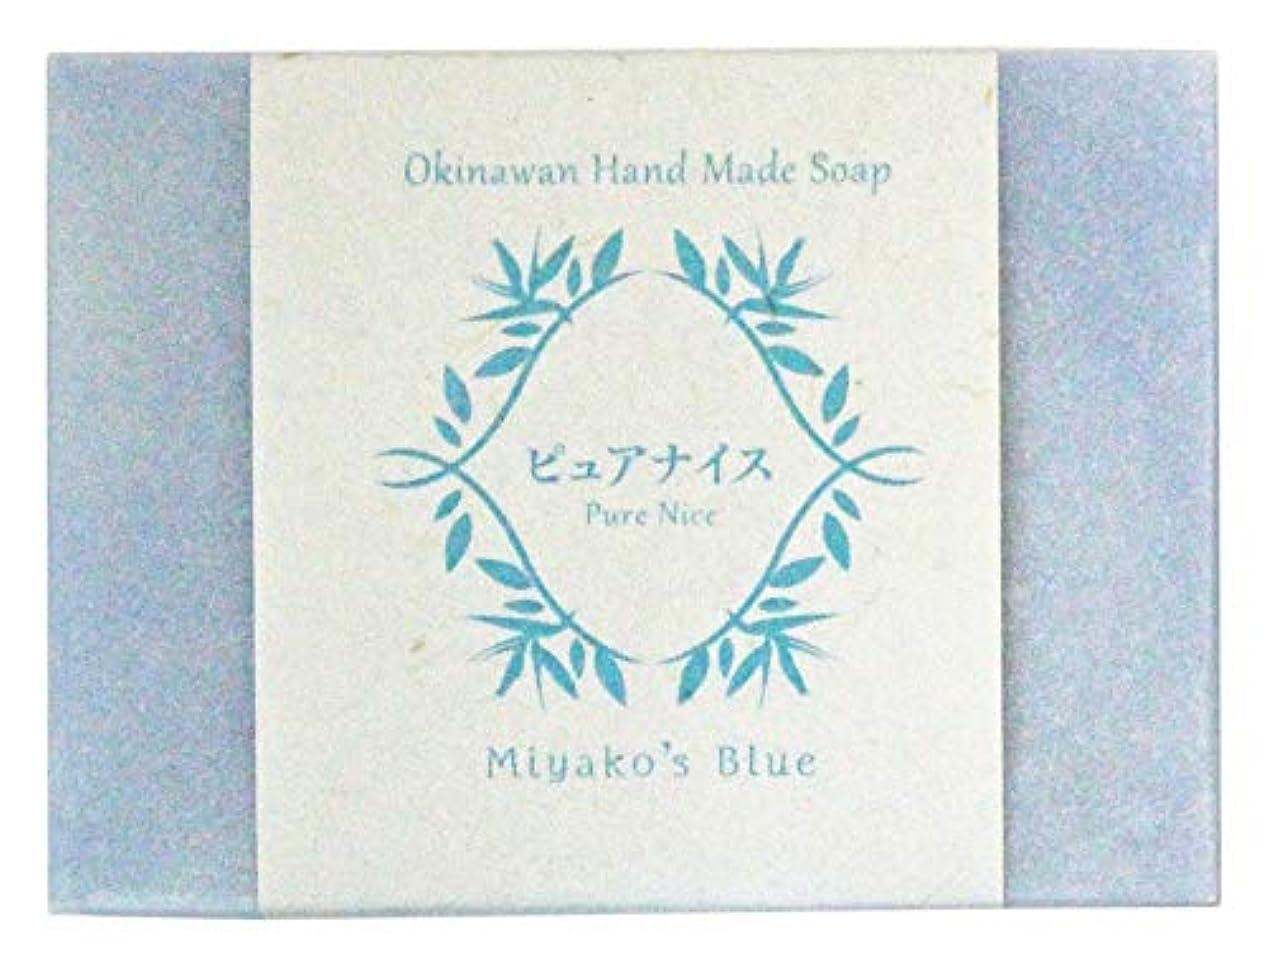 拡大するワックスコショウピュアナイス おきなわ素材石けん Mikako's Blue 100g